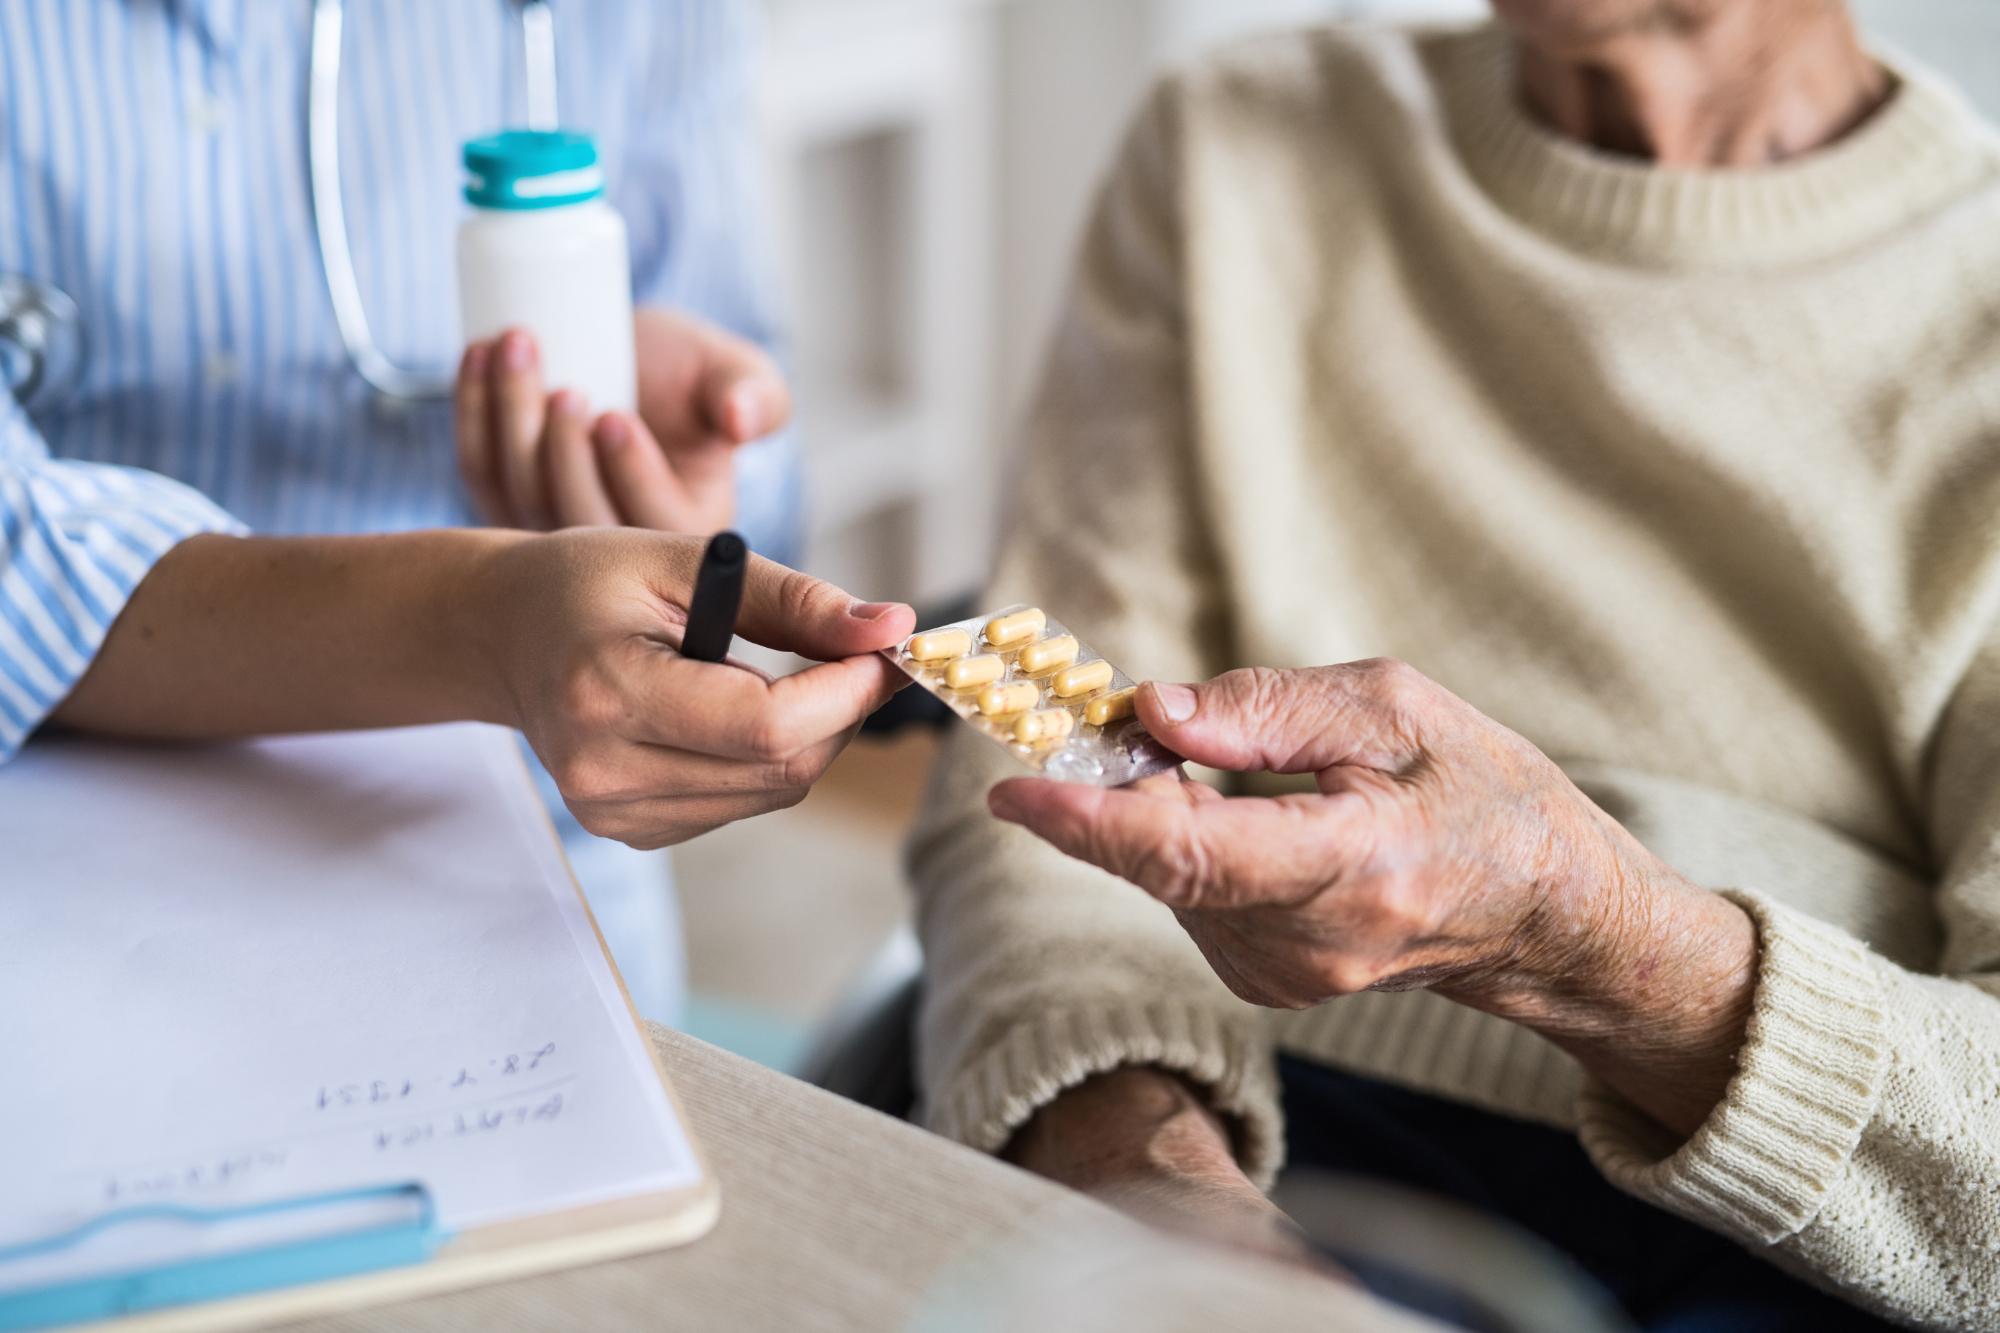 Falsche Medikation bei Menschen mit Demenz